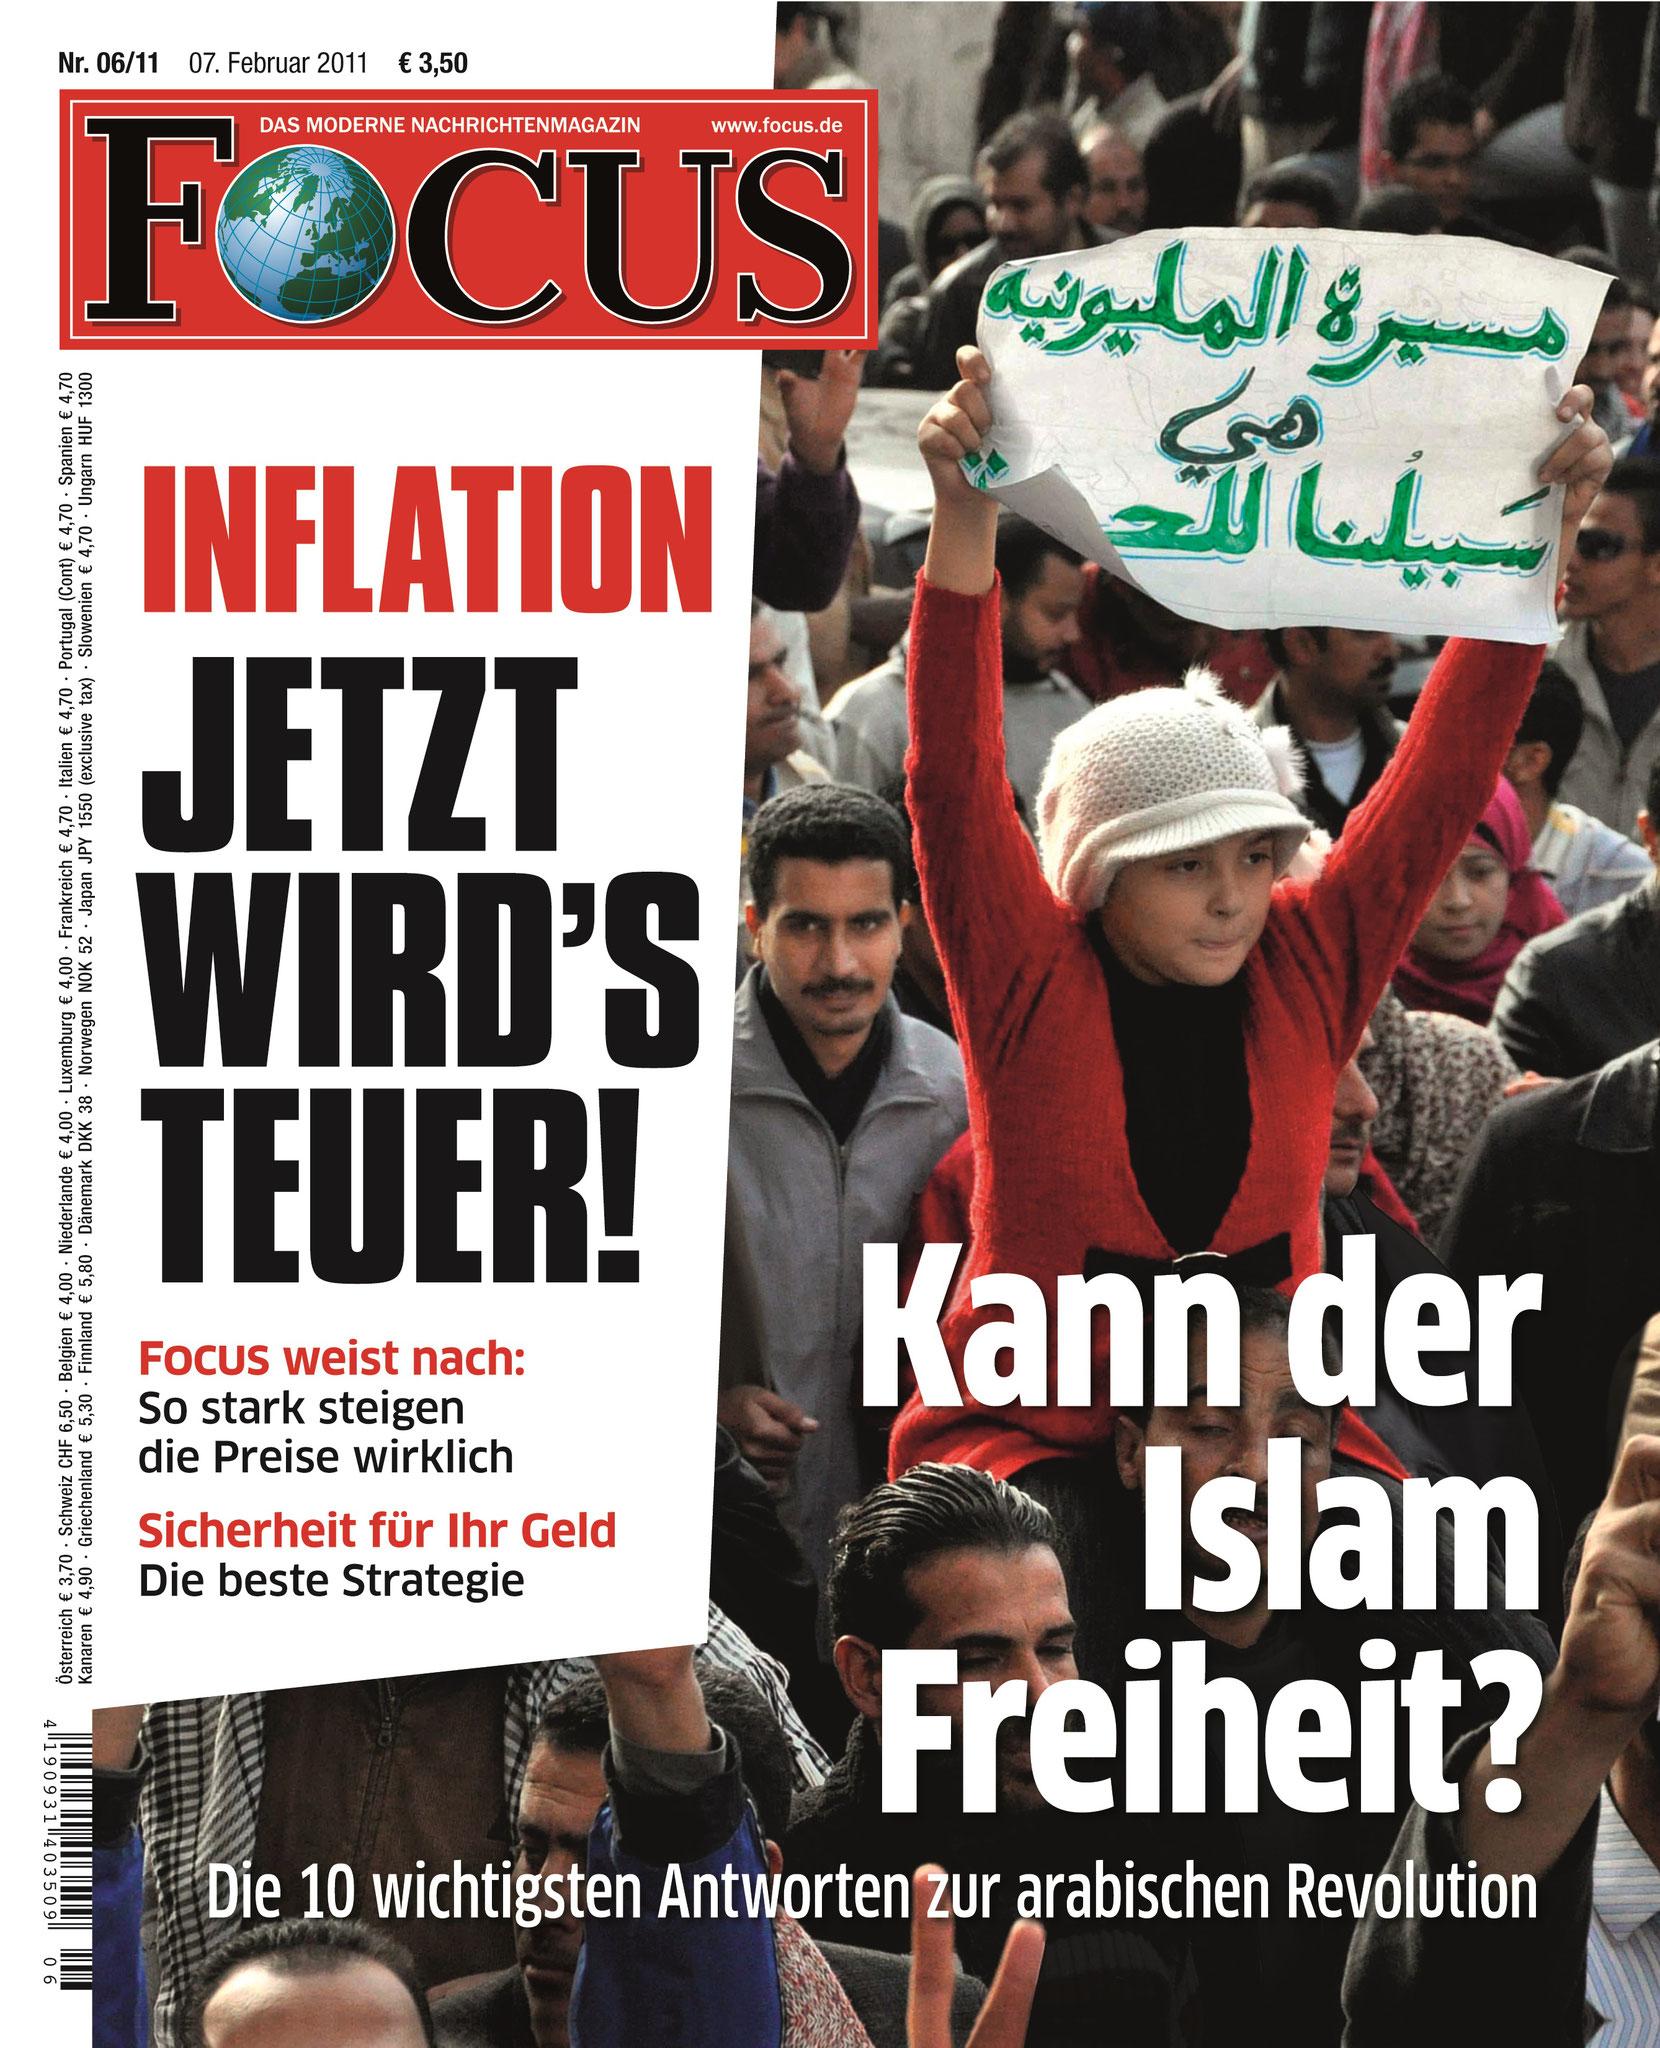 Copyright: FOCUS 06/2011